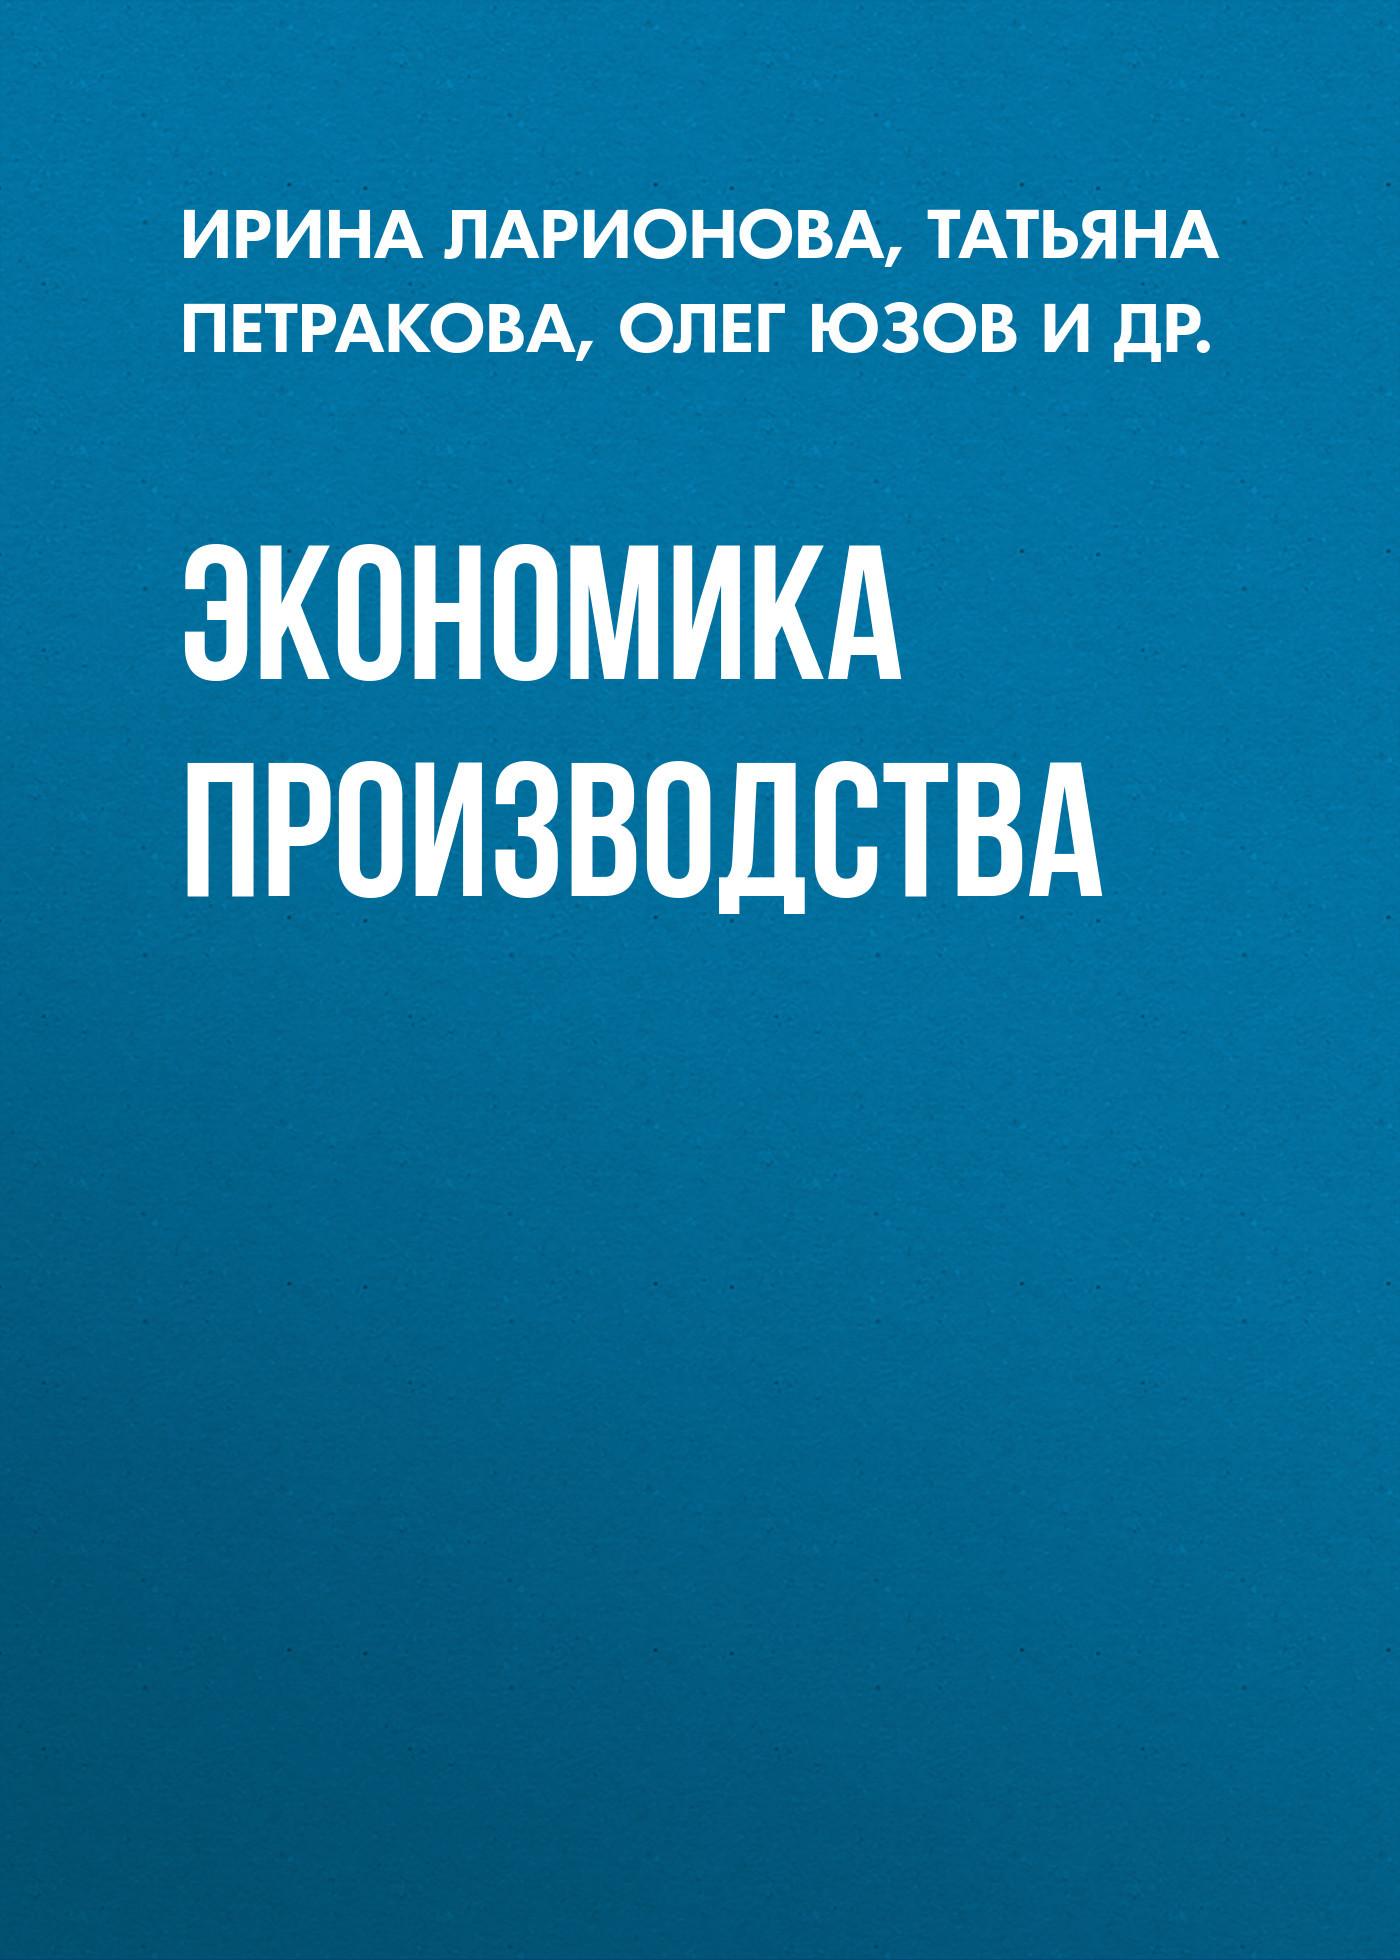 Олег Юзов Экономика производства лабораторный набор по сопротивлению материалов